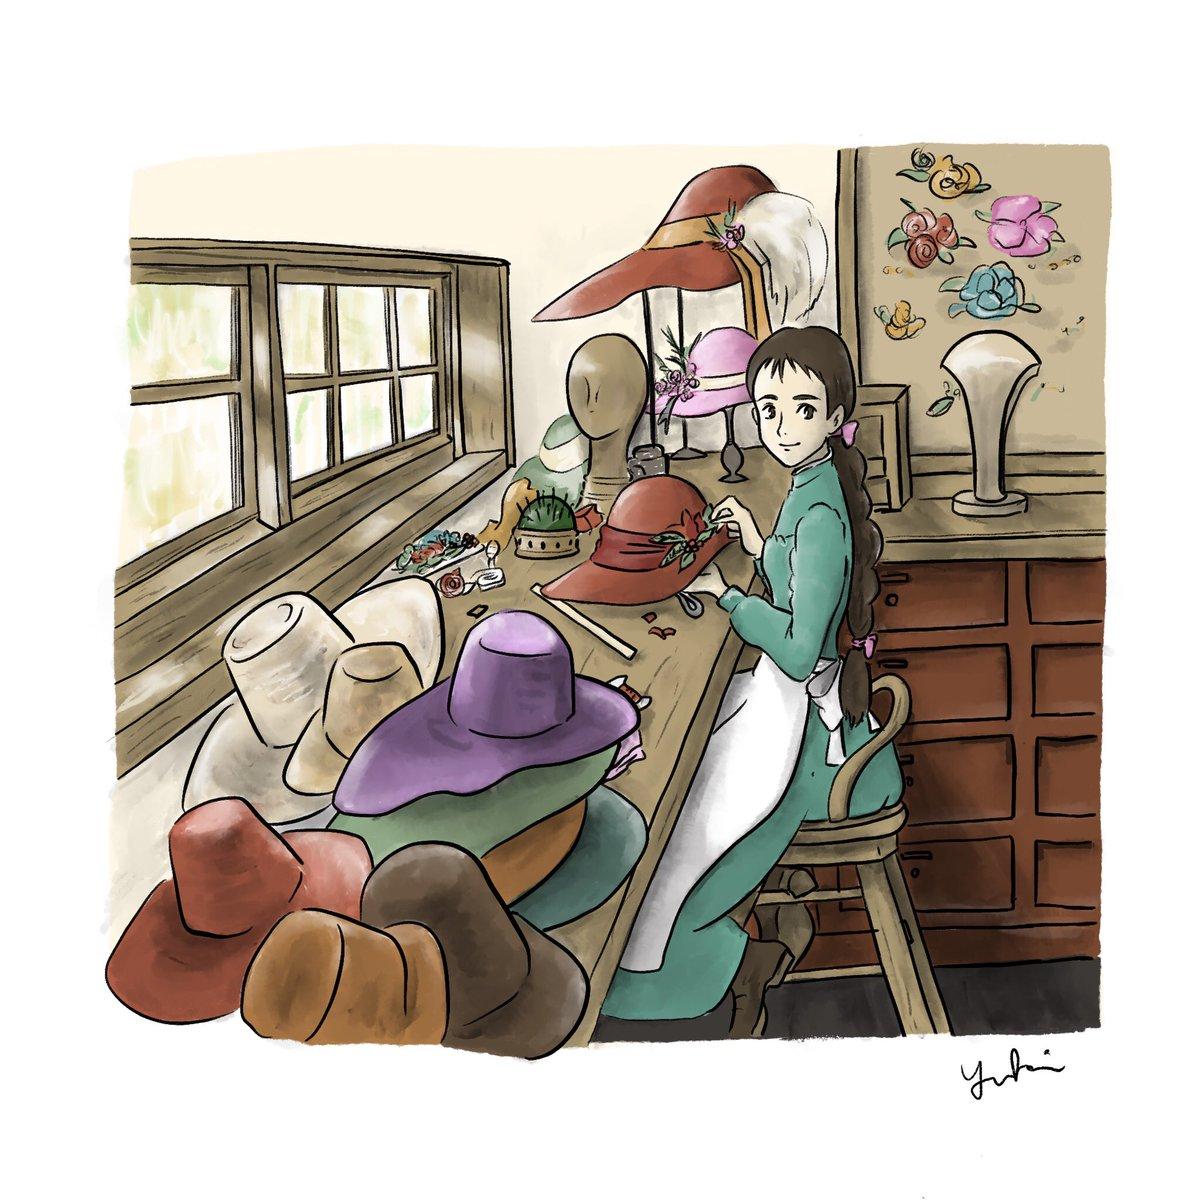 Yuki イラスト描いてる映画好きデザイナー On Twitter 帽子屋の